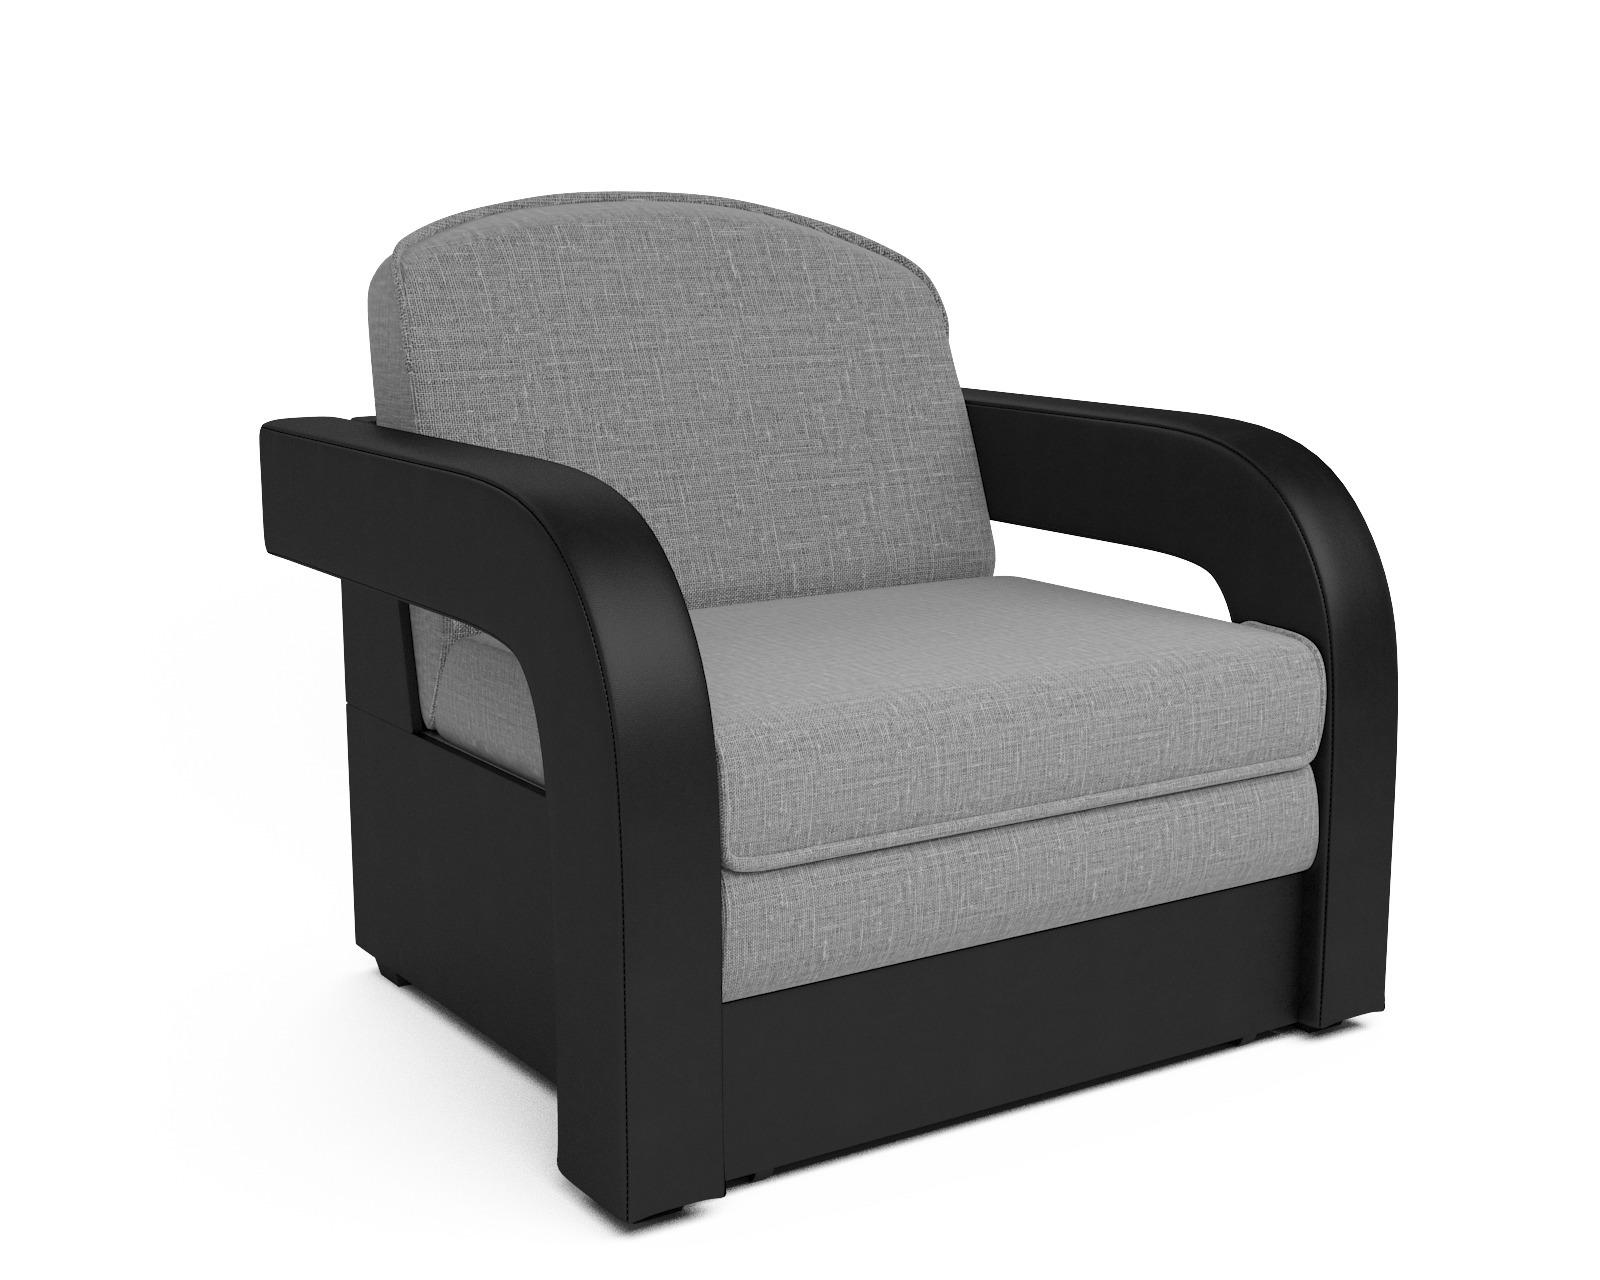 Кресло-кровать Карина-2 (рогожка серая) фото